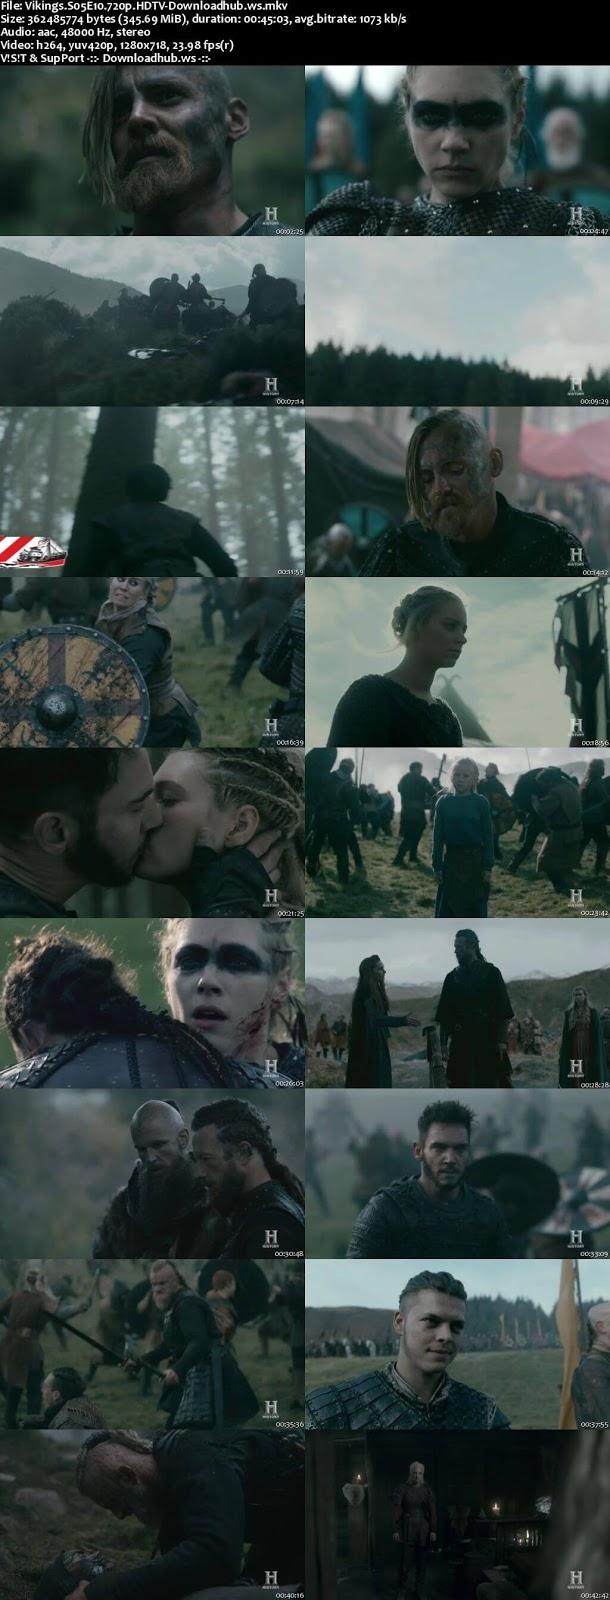 Vikings S05E10 340MB HDTV 720p x264